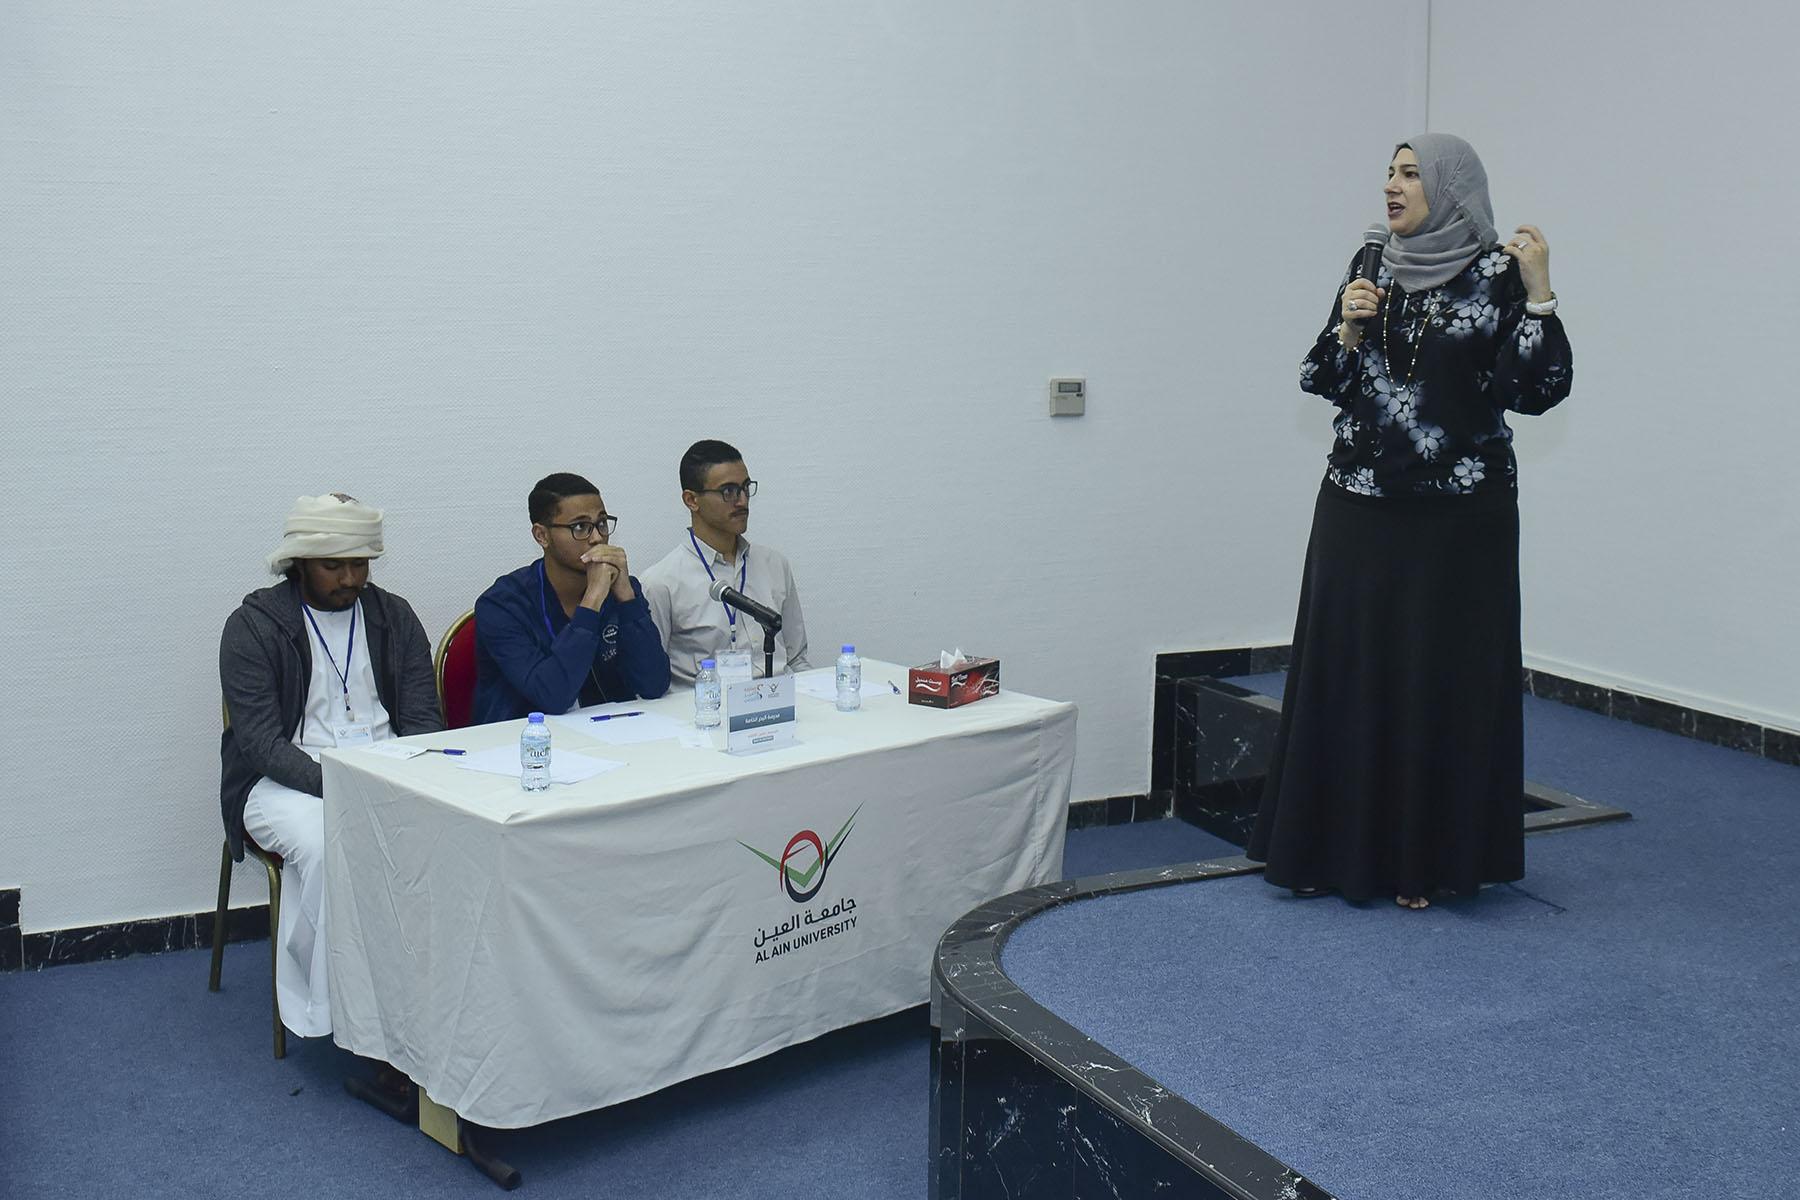 Second Day (Tawam Model Private School VS Al Yahar Private School)